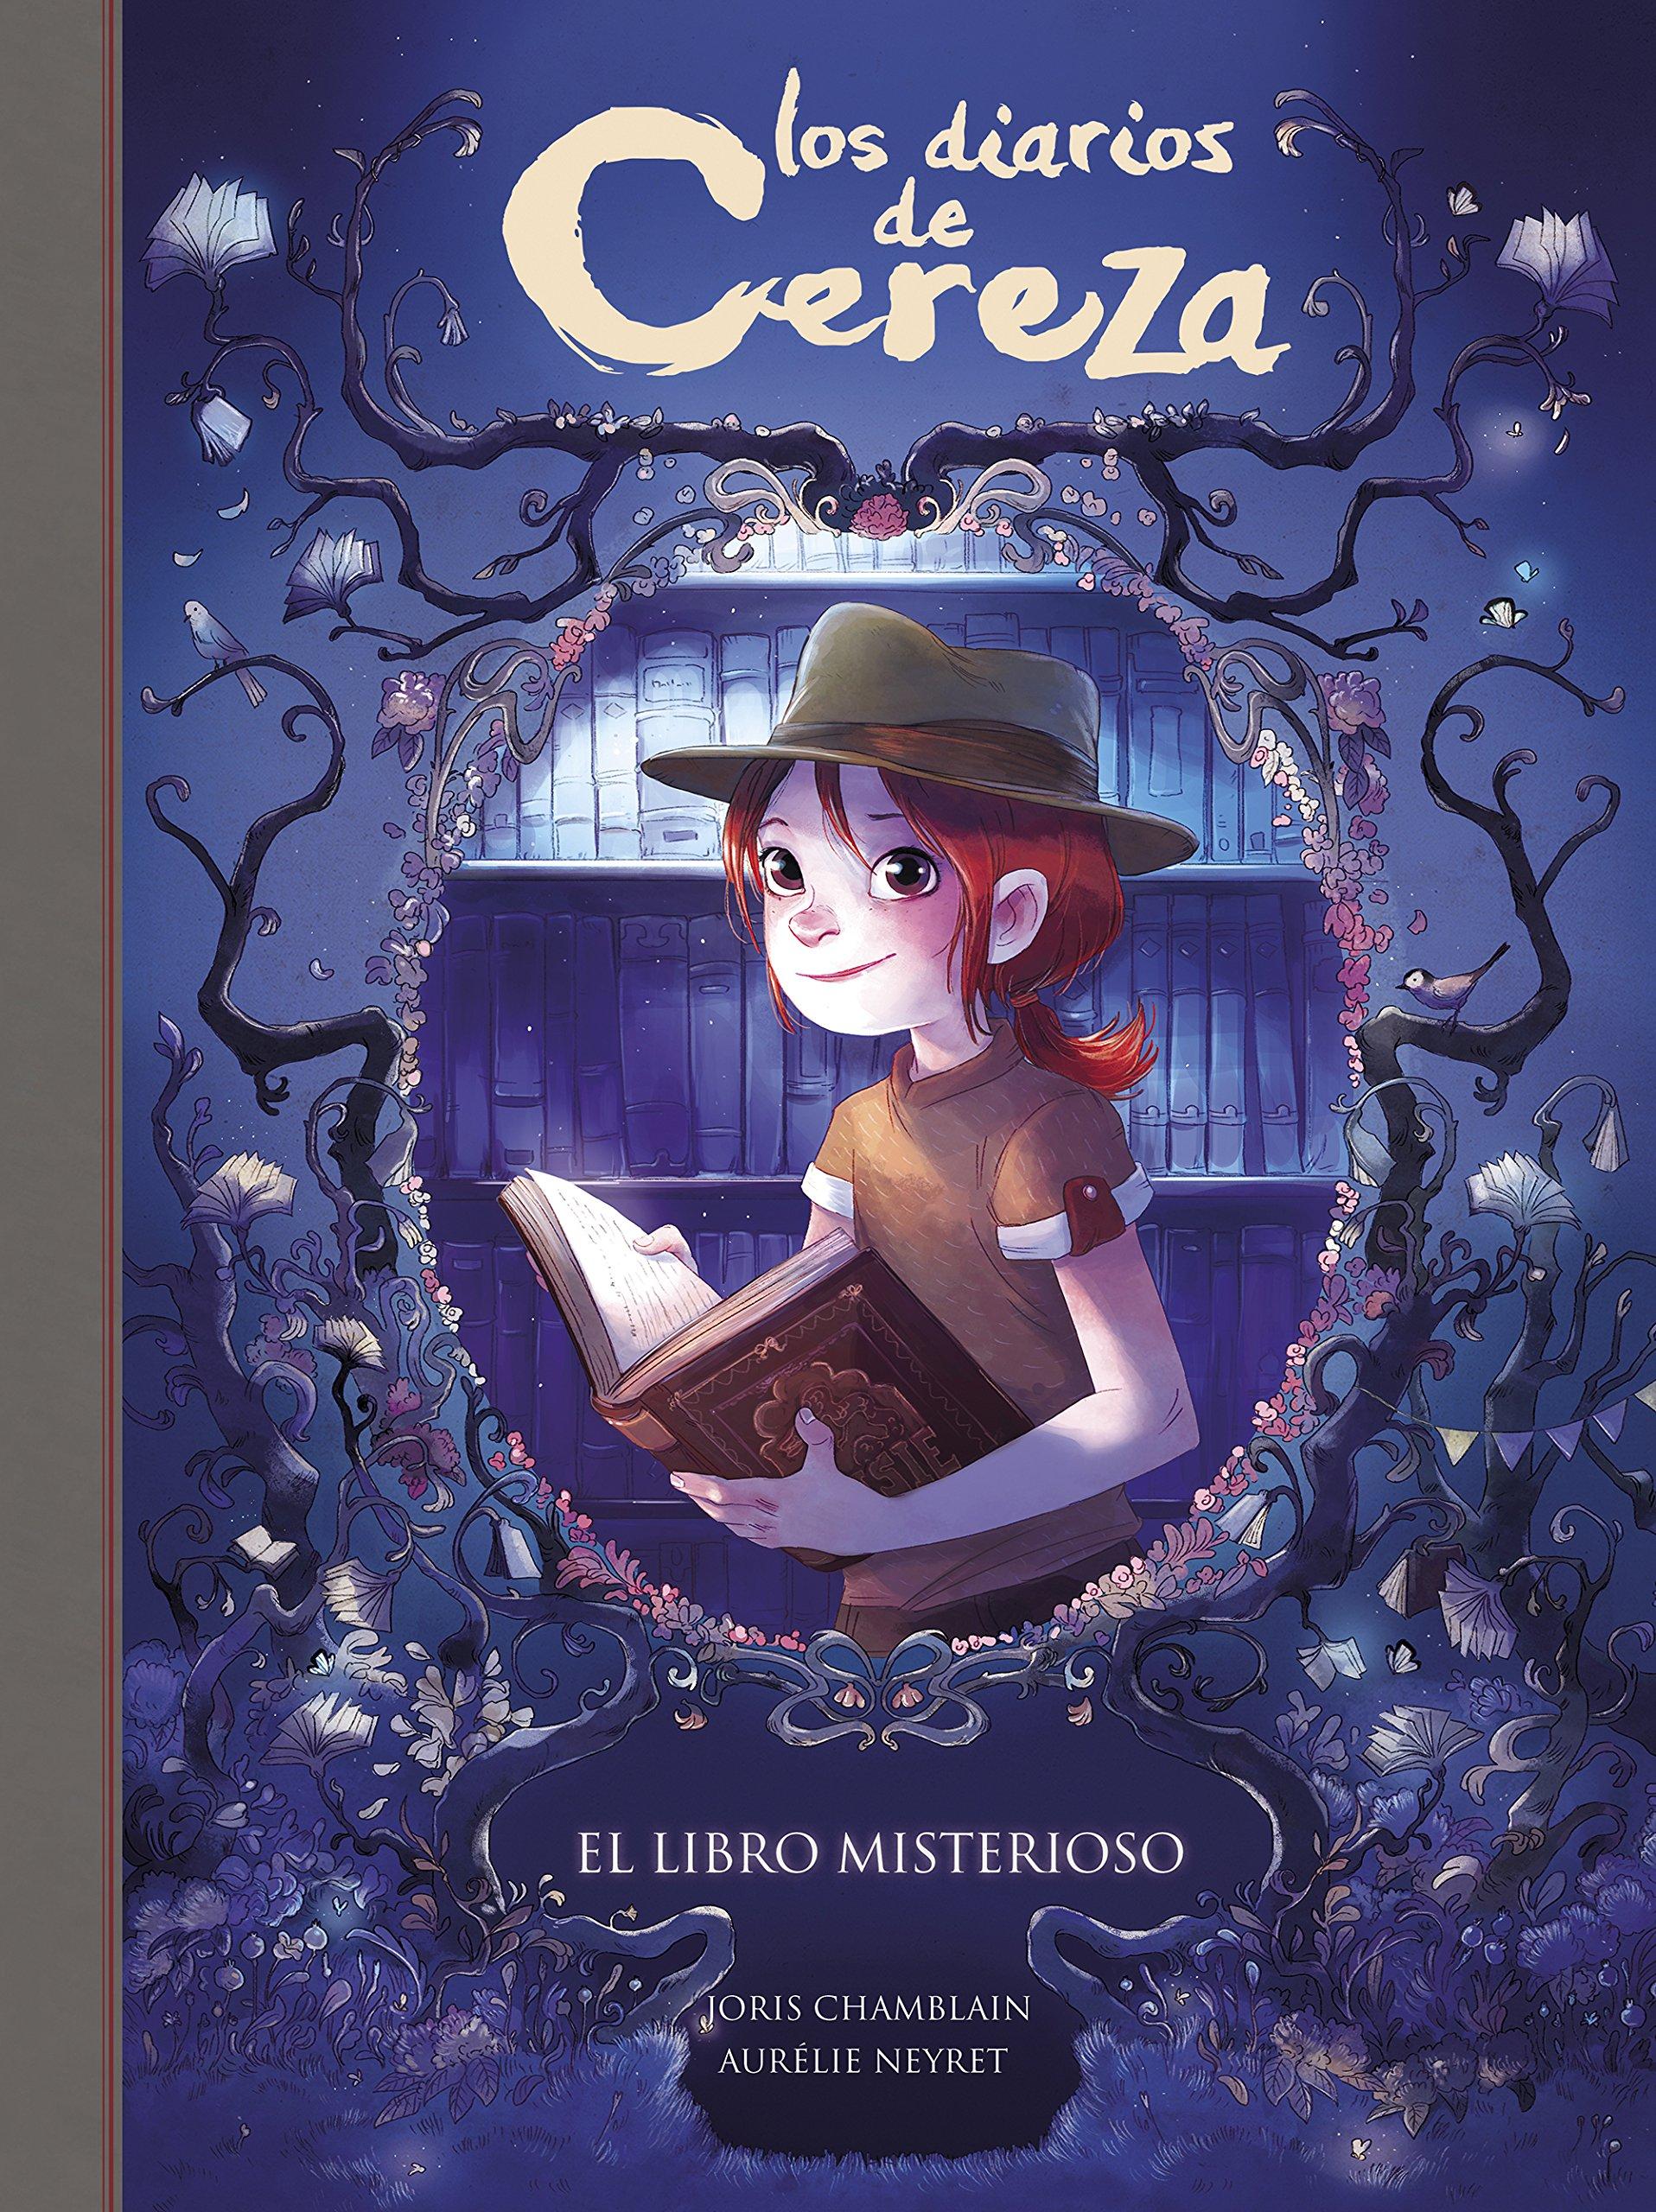 El libro misterioso (Serie Los diarios de Cereza 2): Amazon.es: Joris  Chamblain: Libros